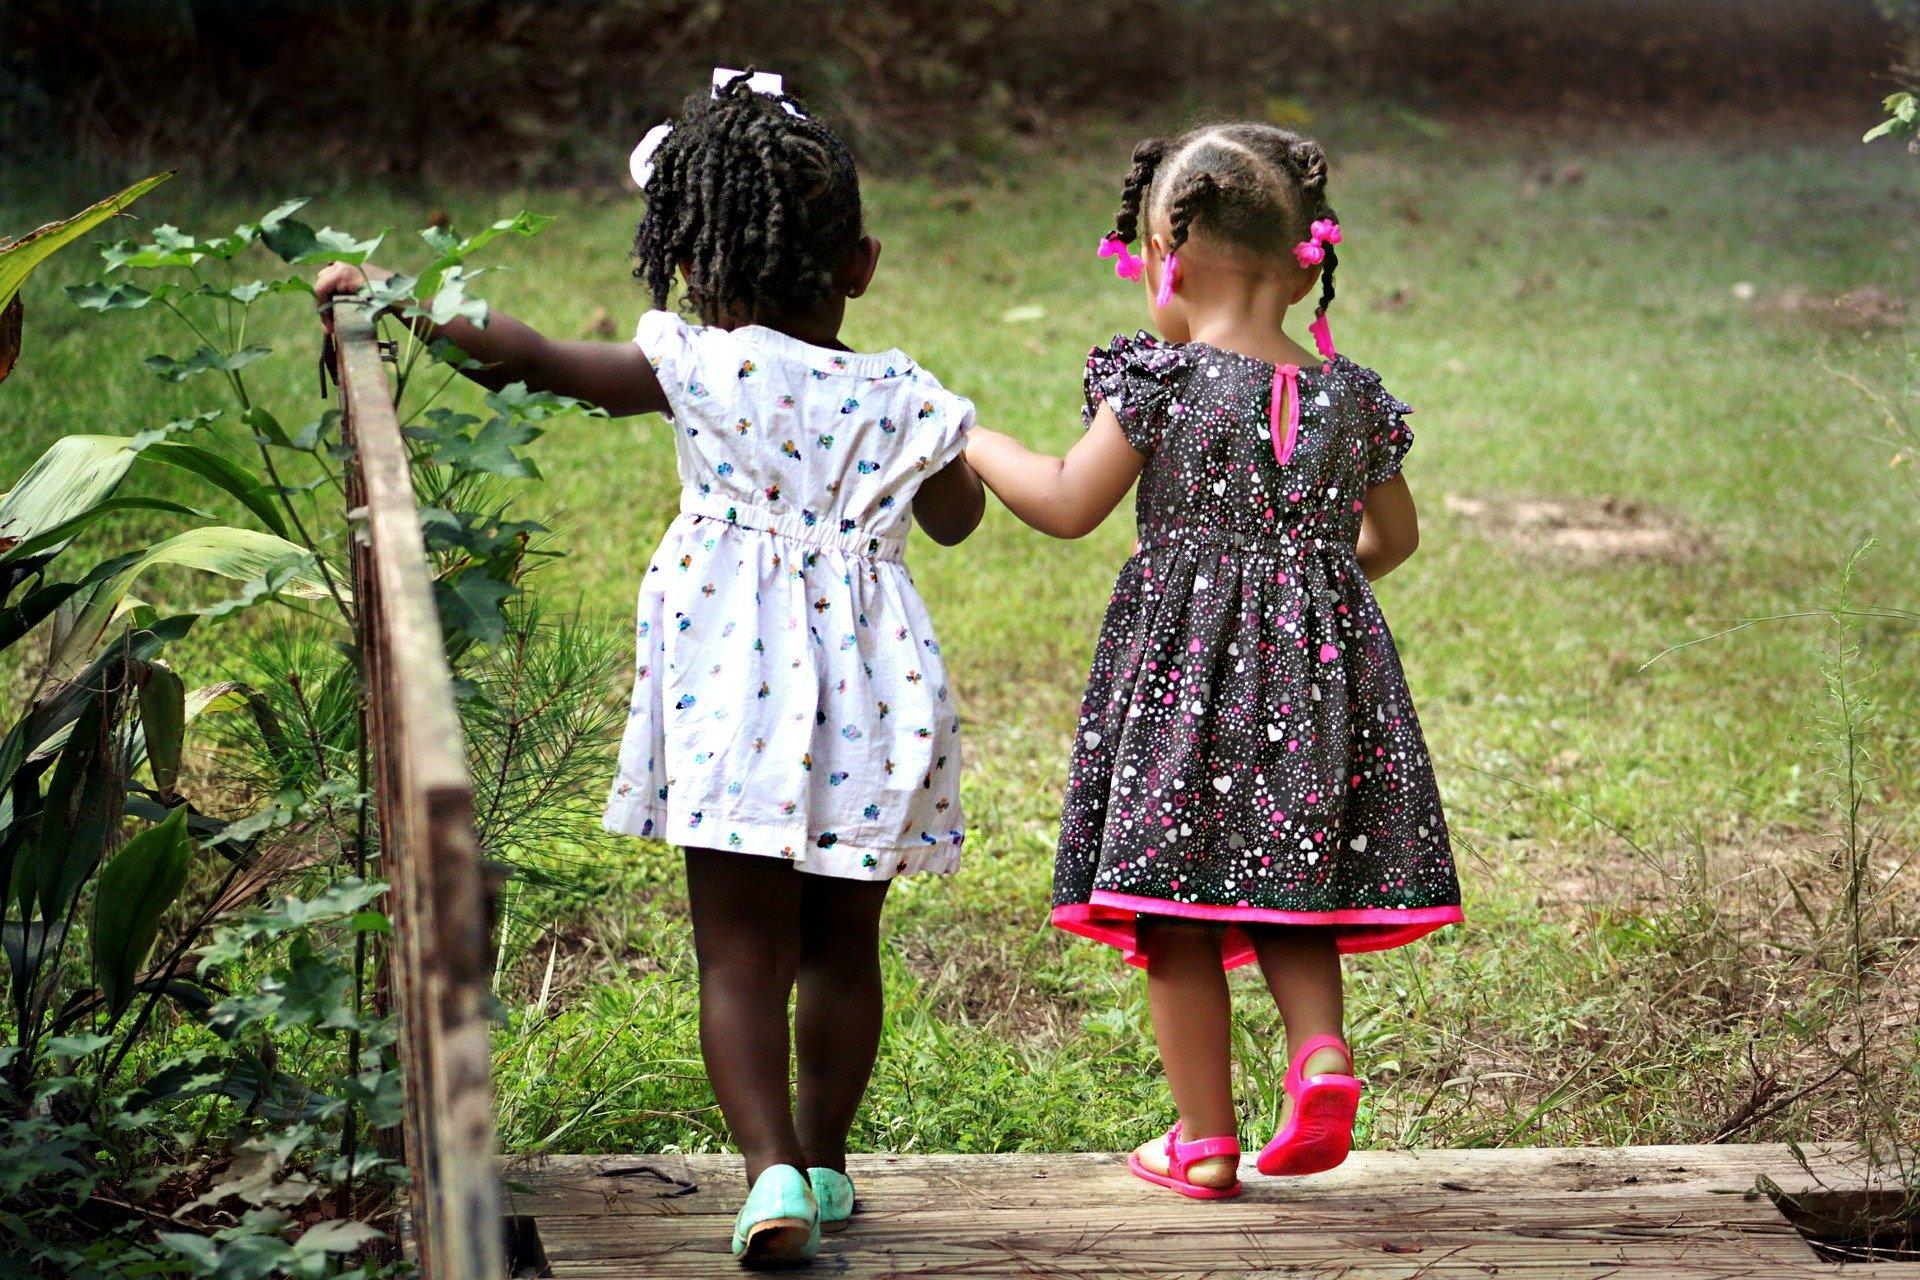 Le bouleau verruqueux est plus adapté aux besoins des jeunes organismes